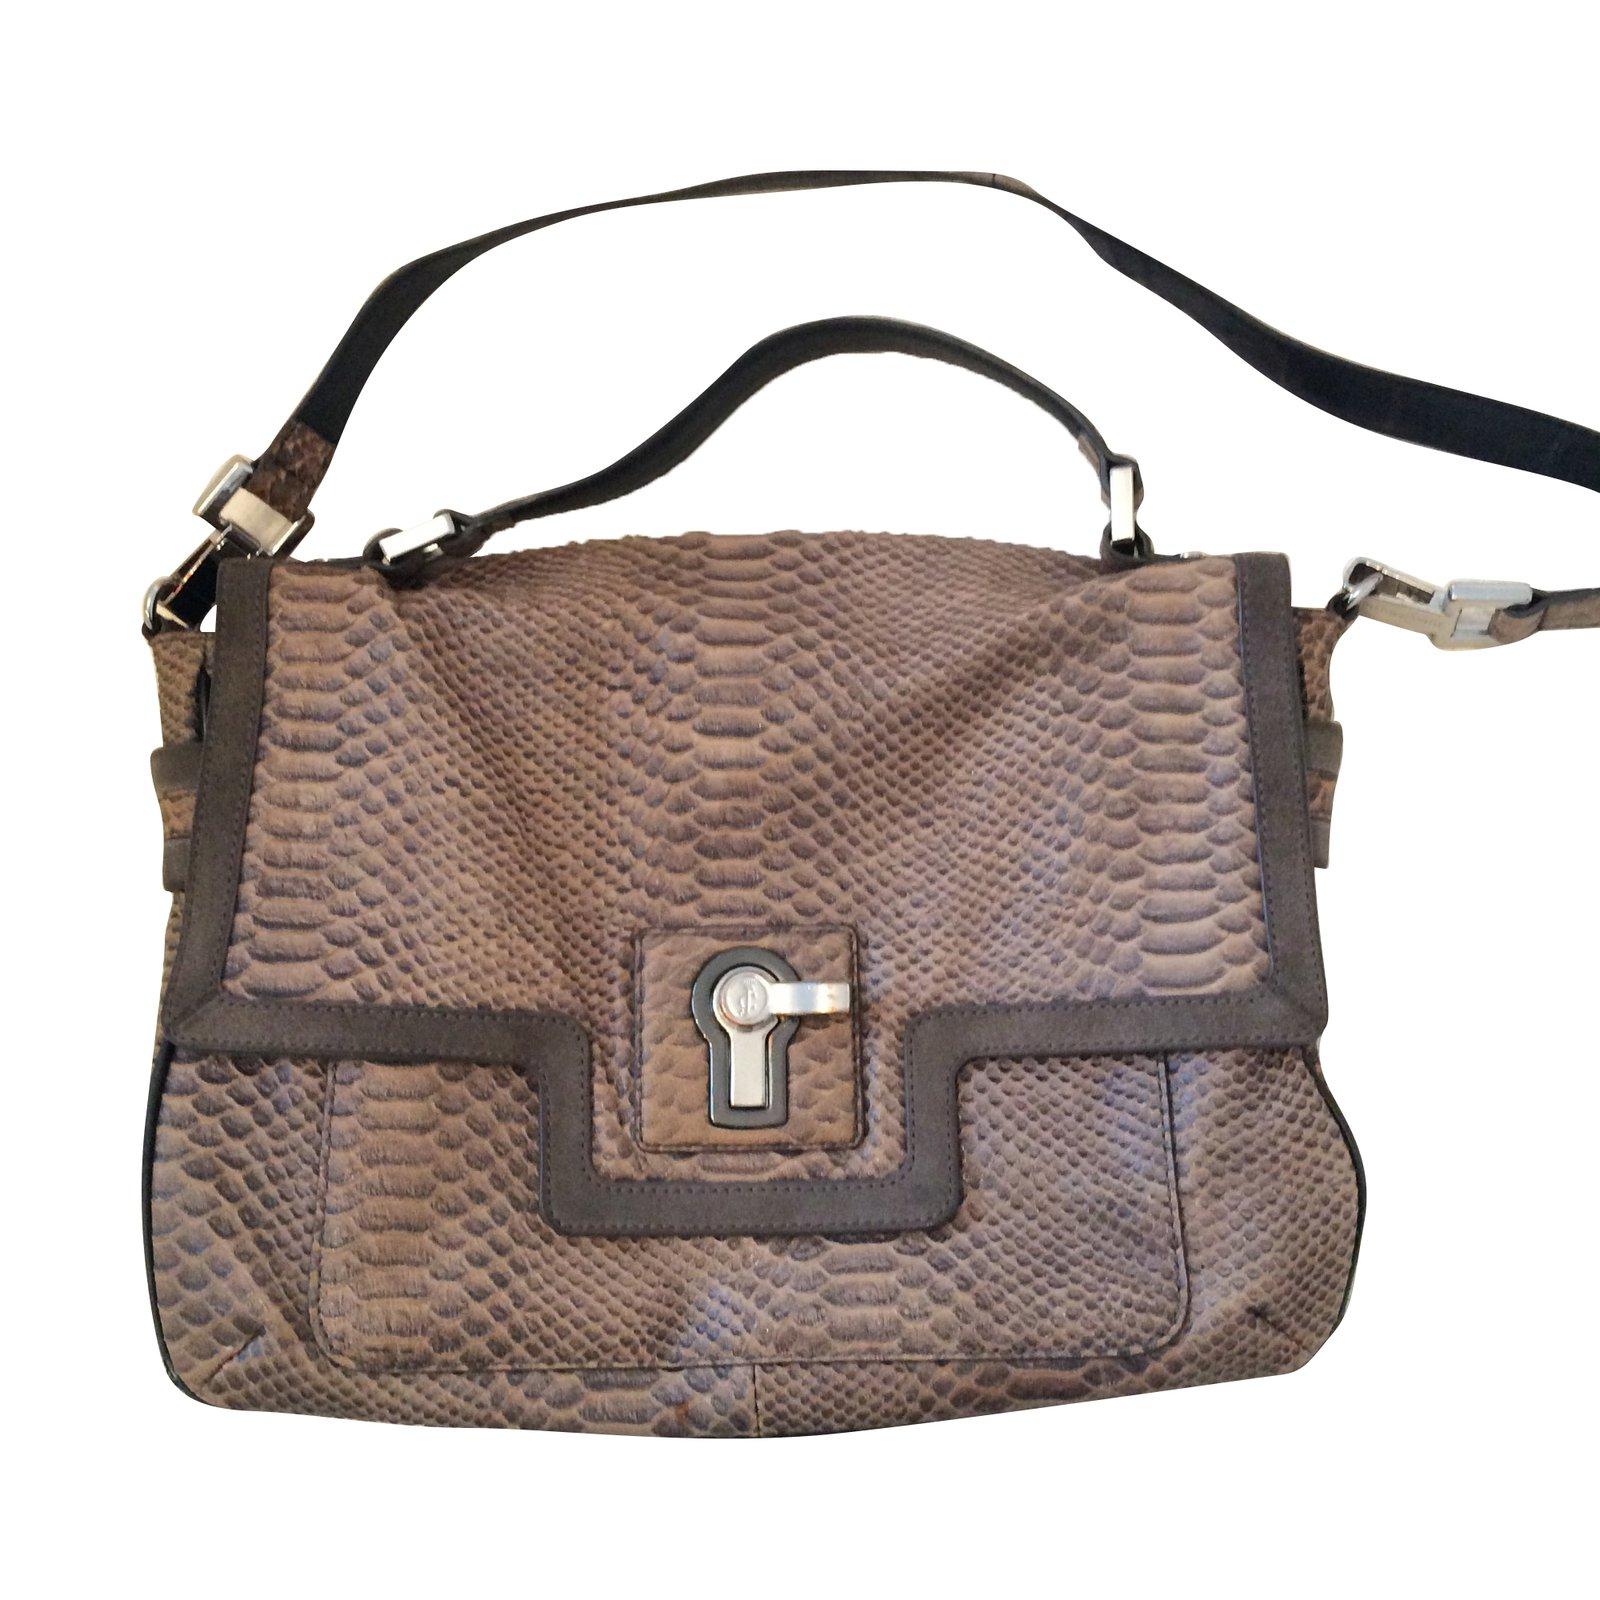 Juicy Couture Handbags Leather Dark Grey Ref 63963